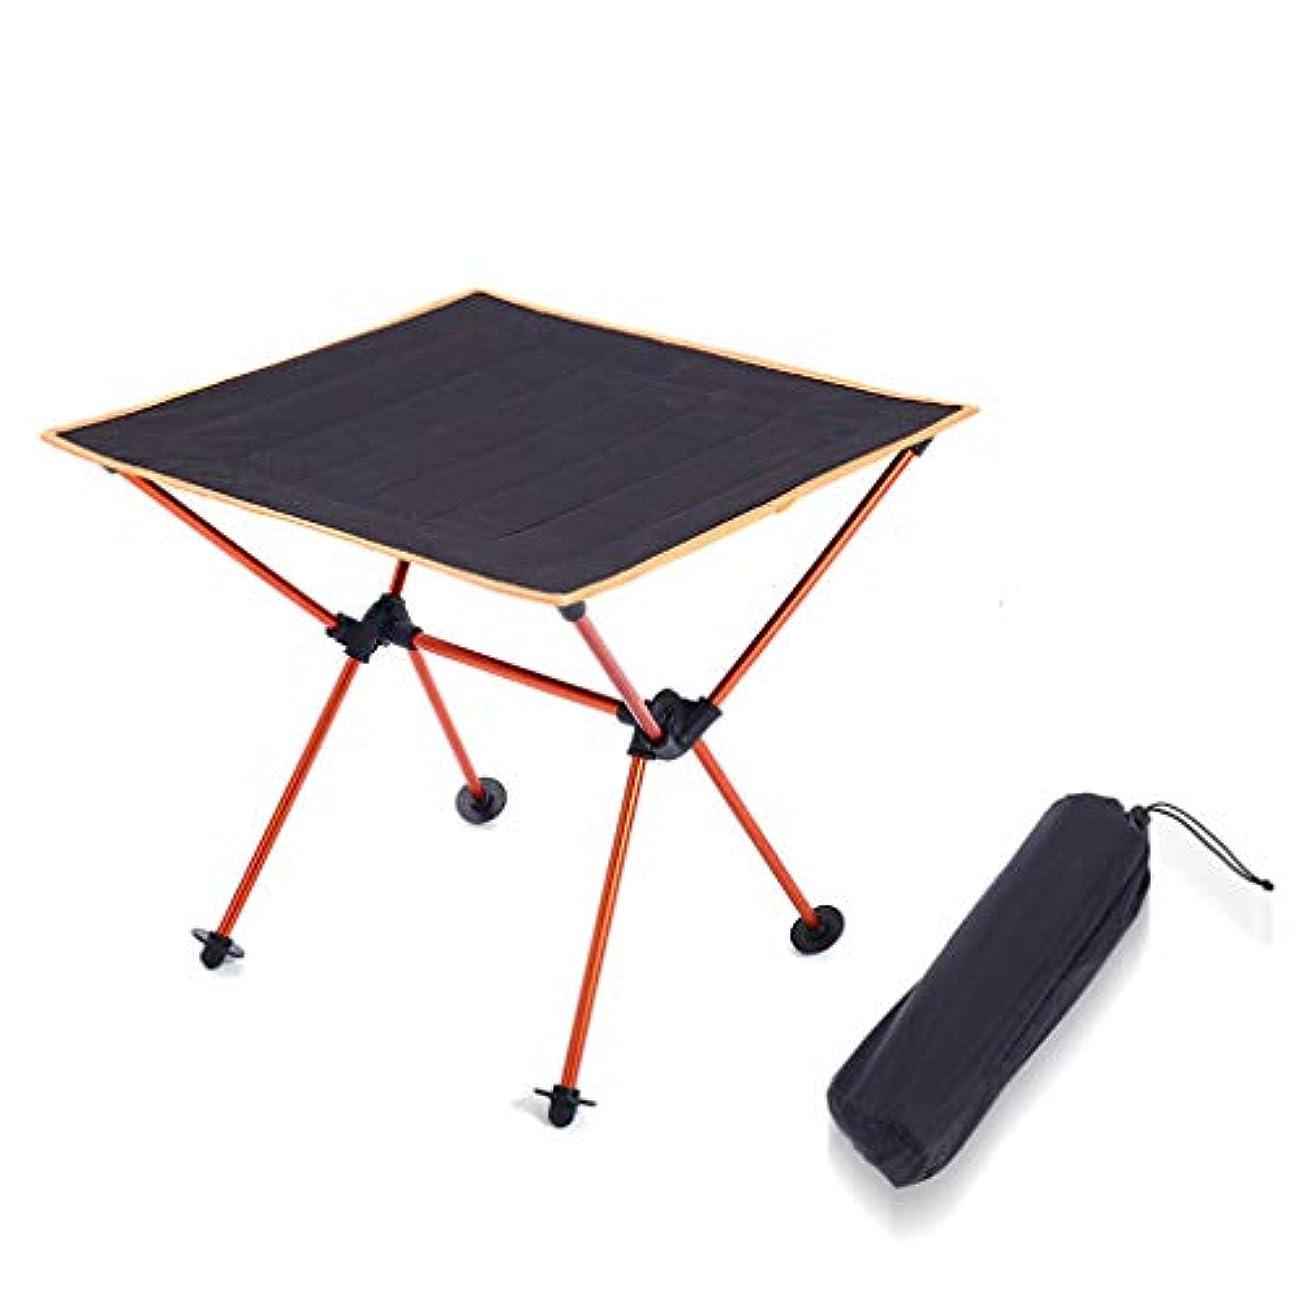 脳改修する神経障害釣り用ピクニックのための屋外折りたたみポータブルキャンプテーブルガーデンテーブル (色 : Orange)